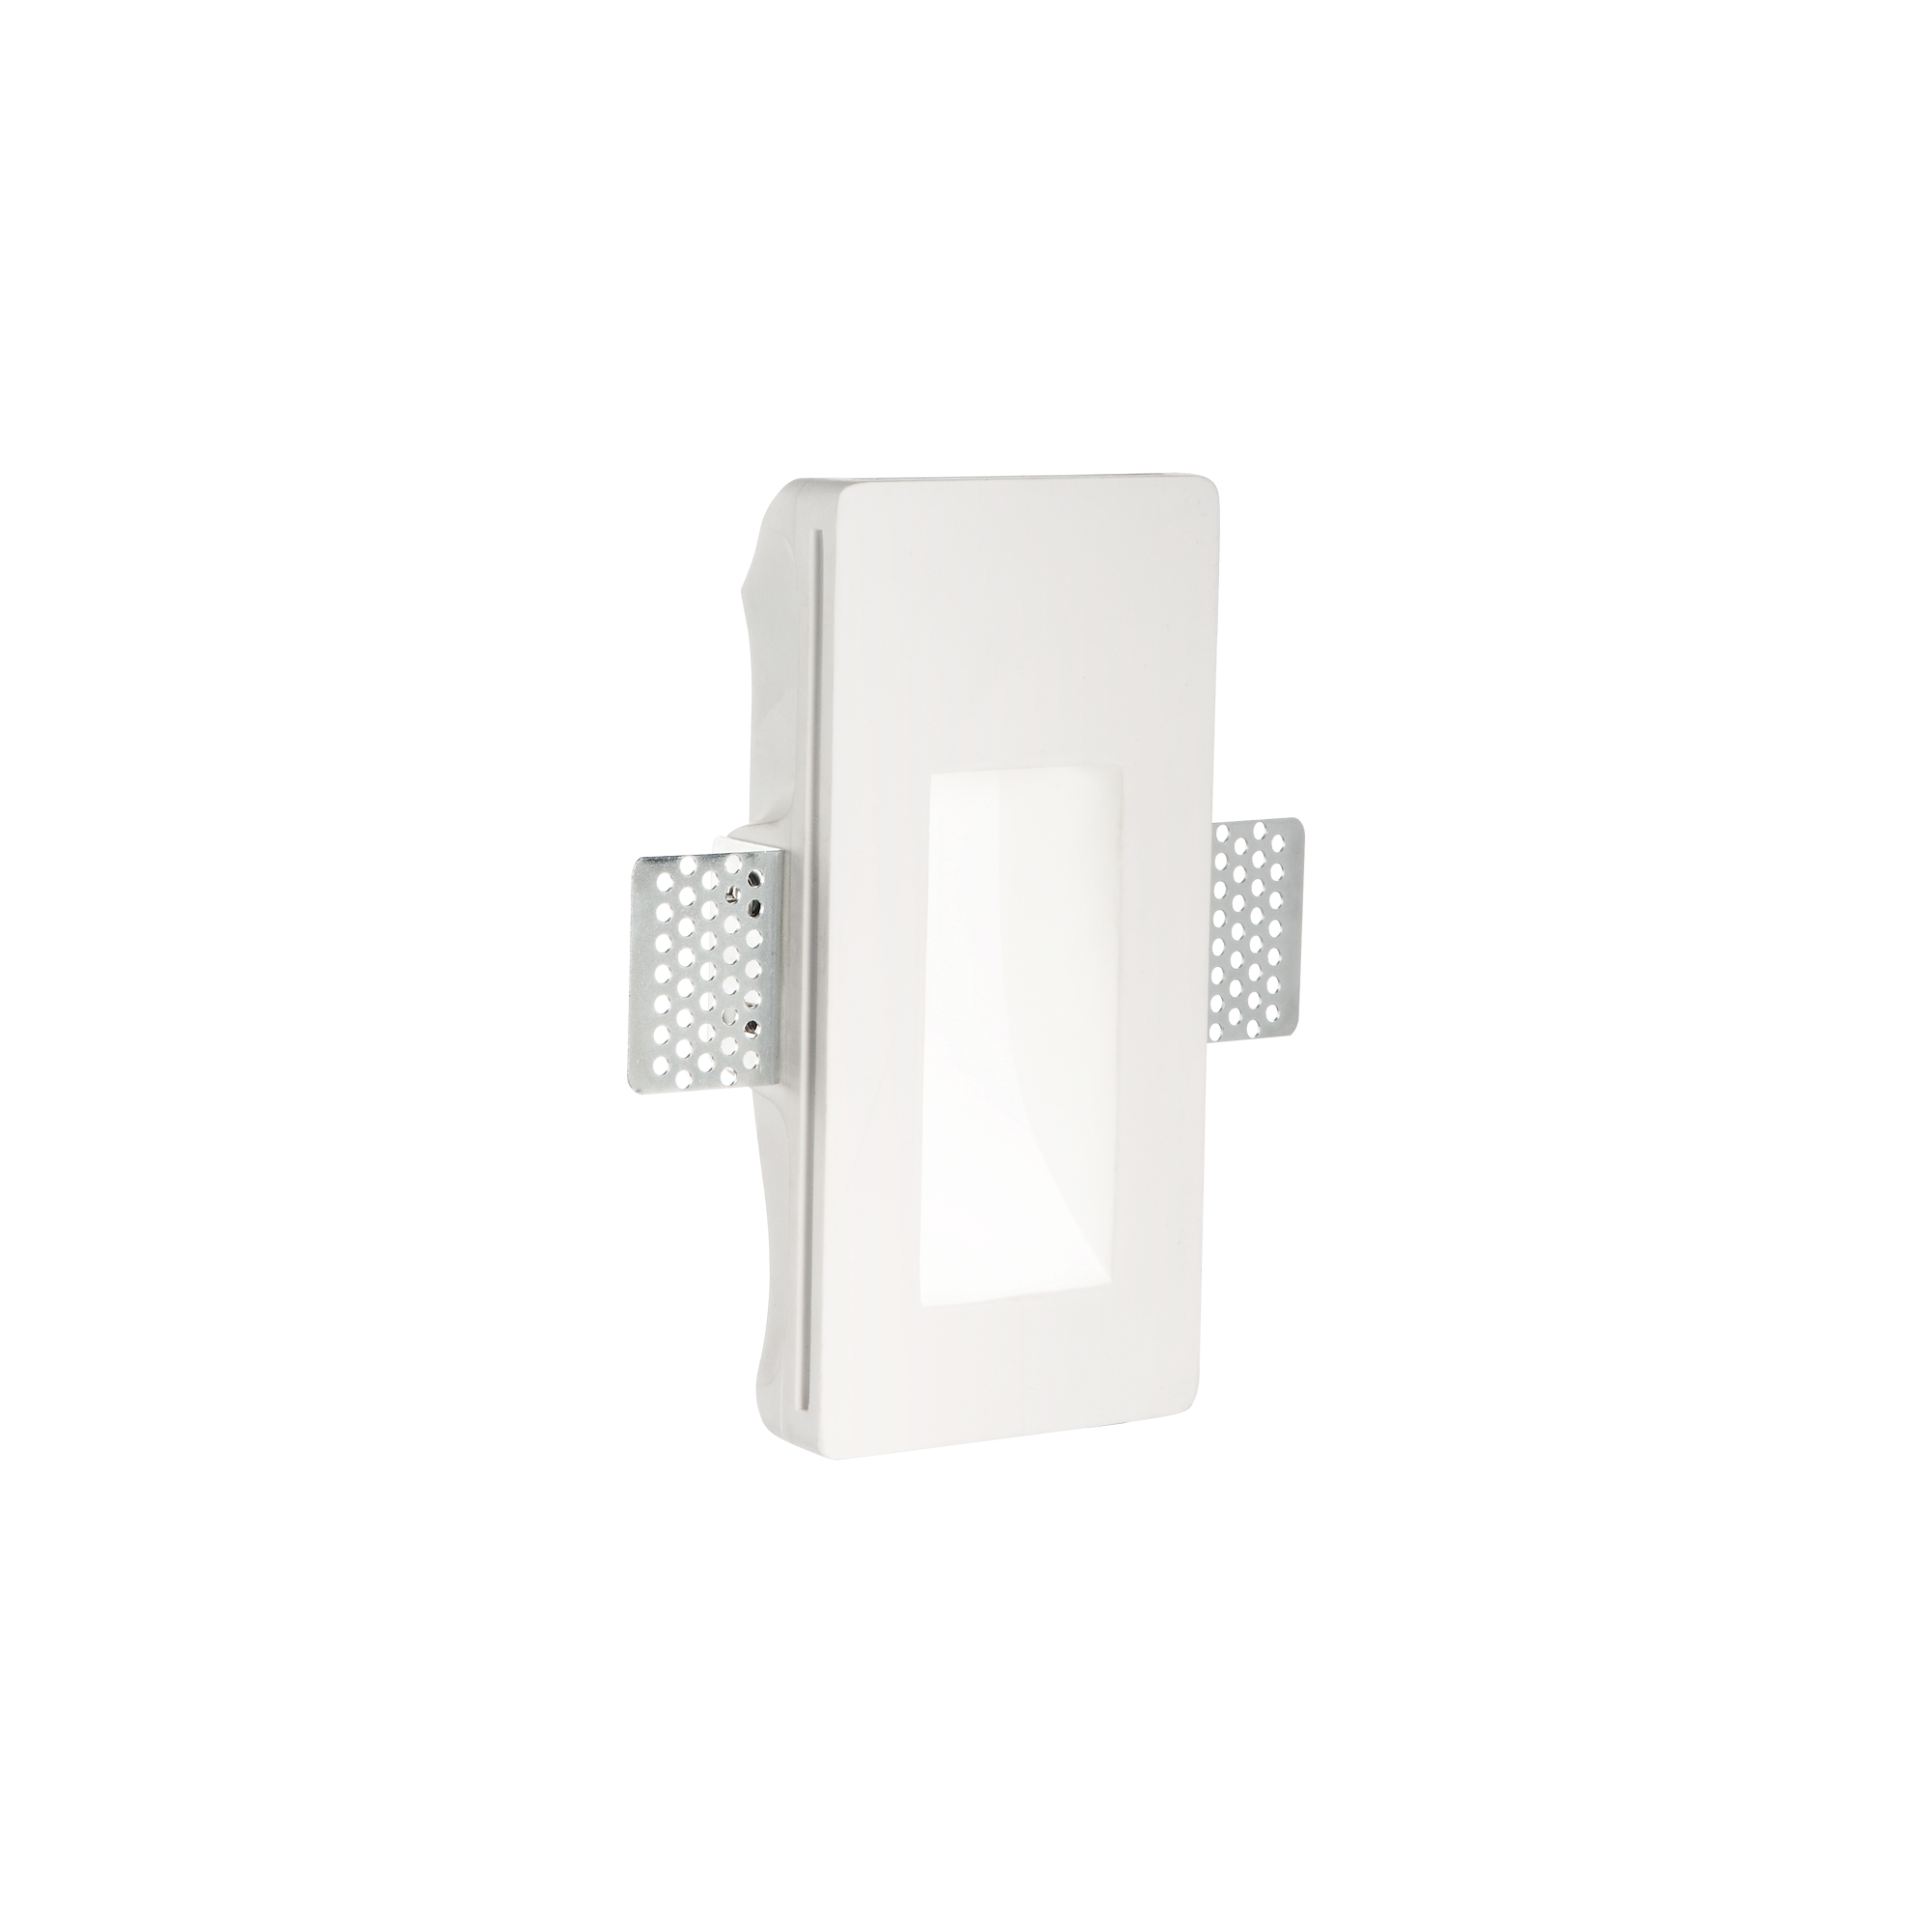 IdealLux 249827 WALKY-2 venkovní zápustné svítidlo 1W 60lm 3000K IP20 bílá